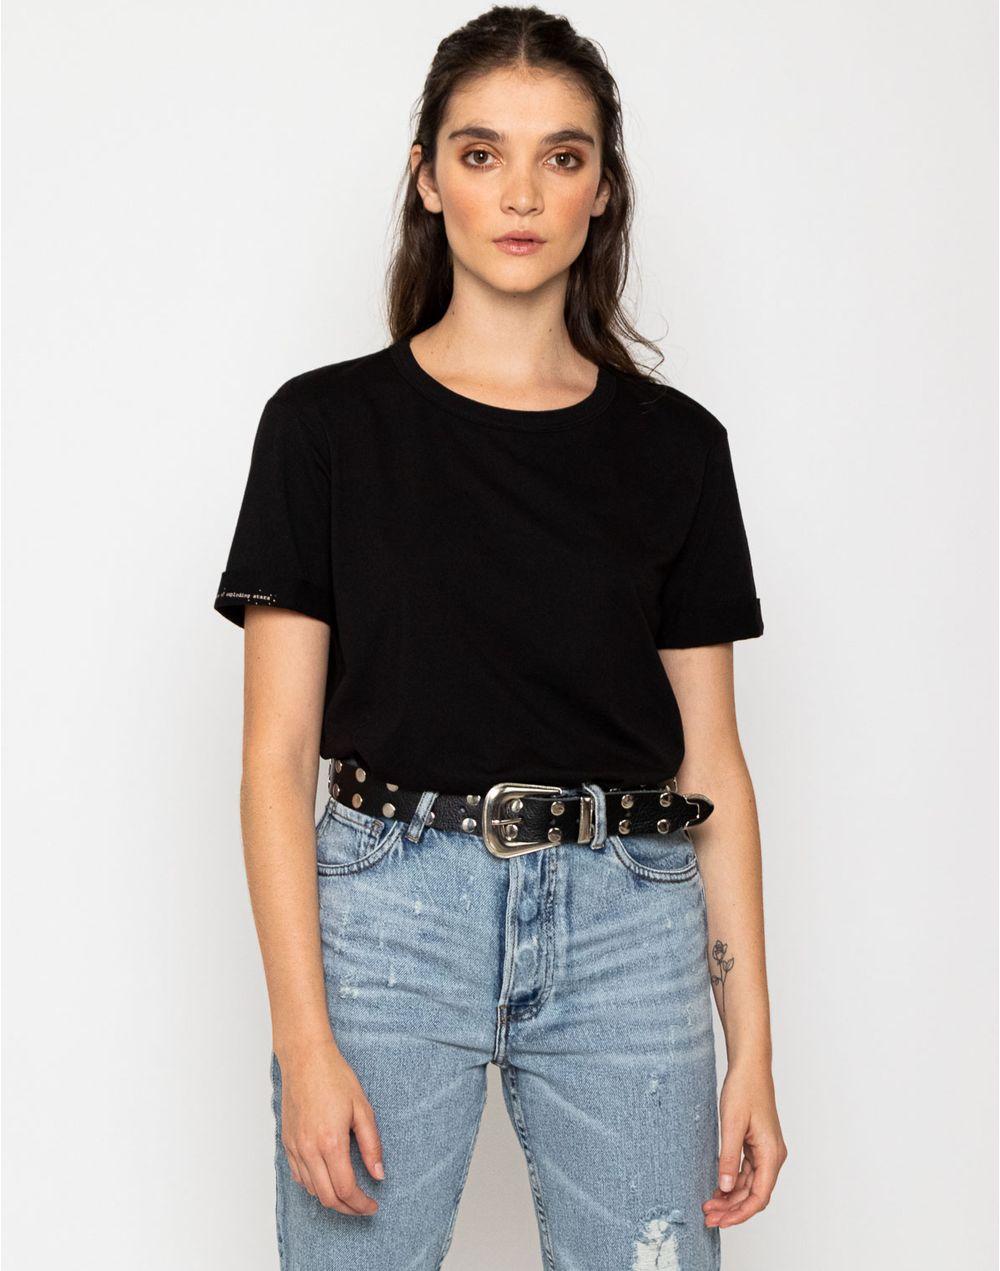 camiseta-180248-negro-2.jpg